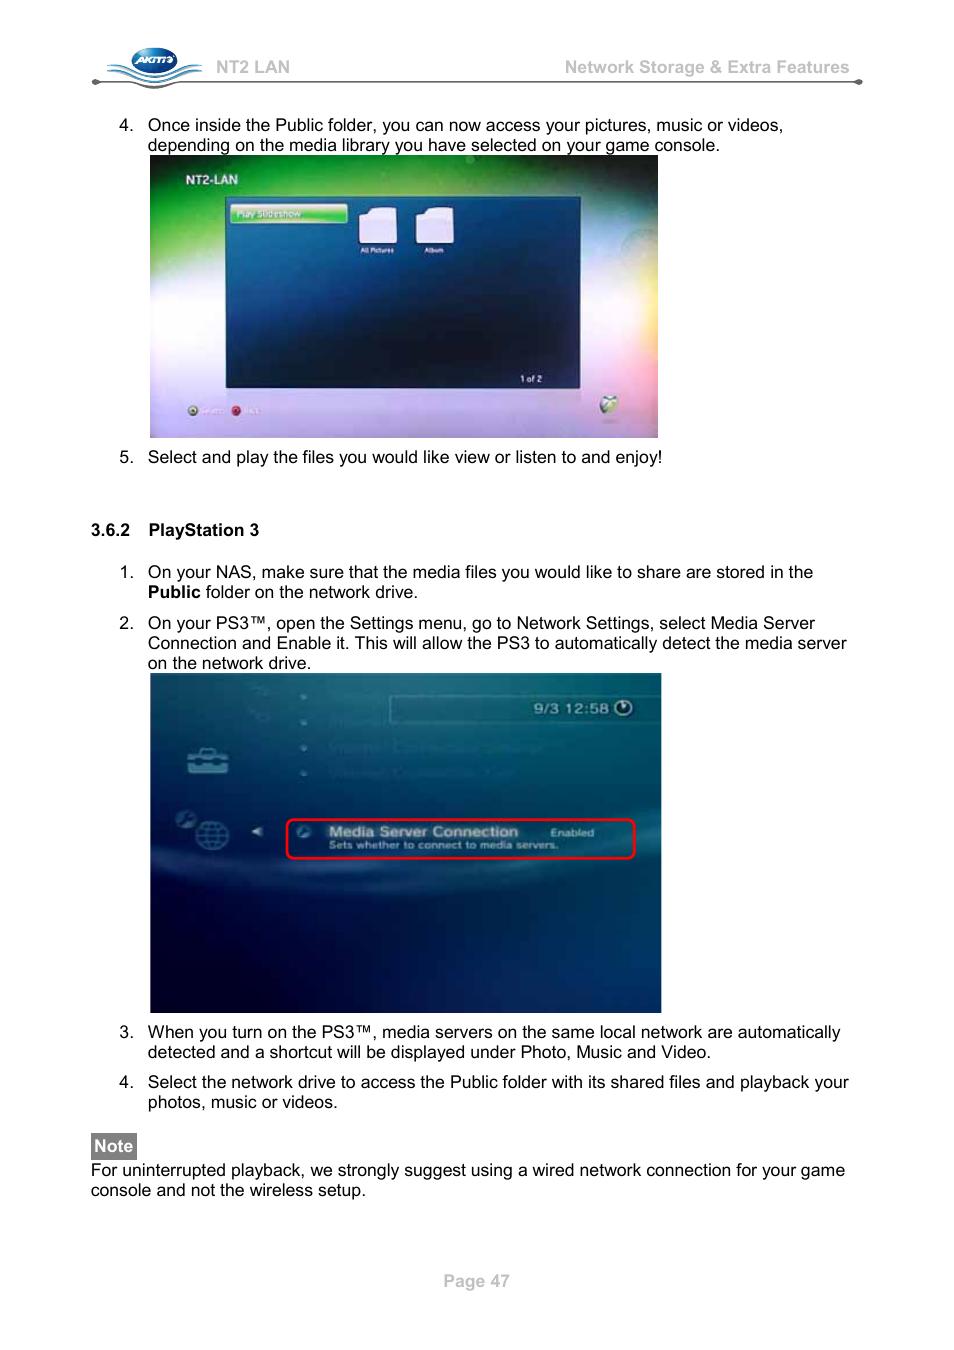 2 playstation 3, Playstation 3   AKiTiO NT2 LAN User Manual   Page ...